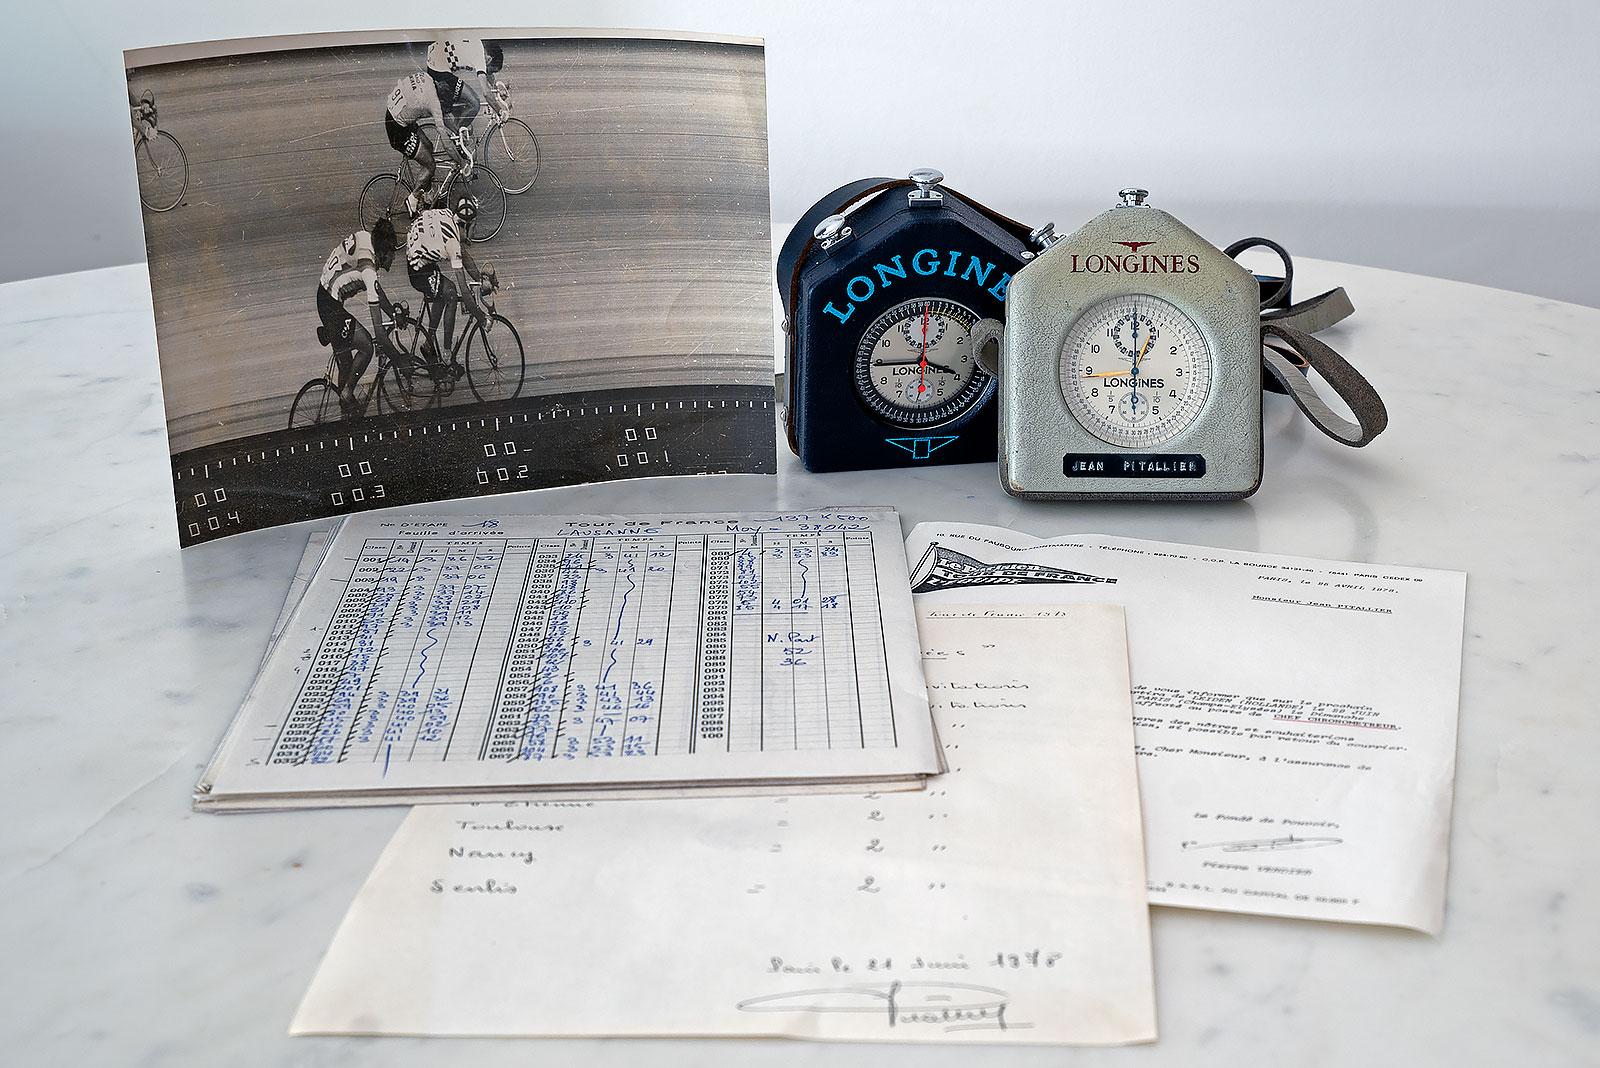 Longines chronograph tour de france pitallier 3